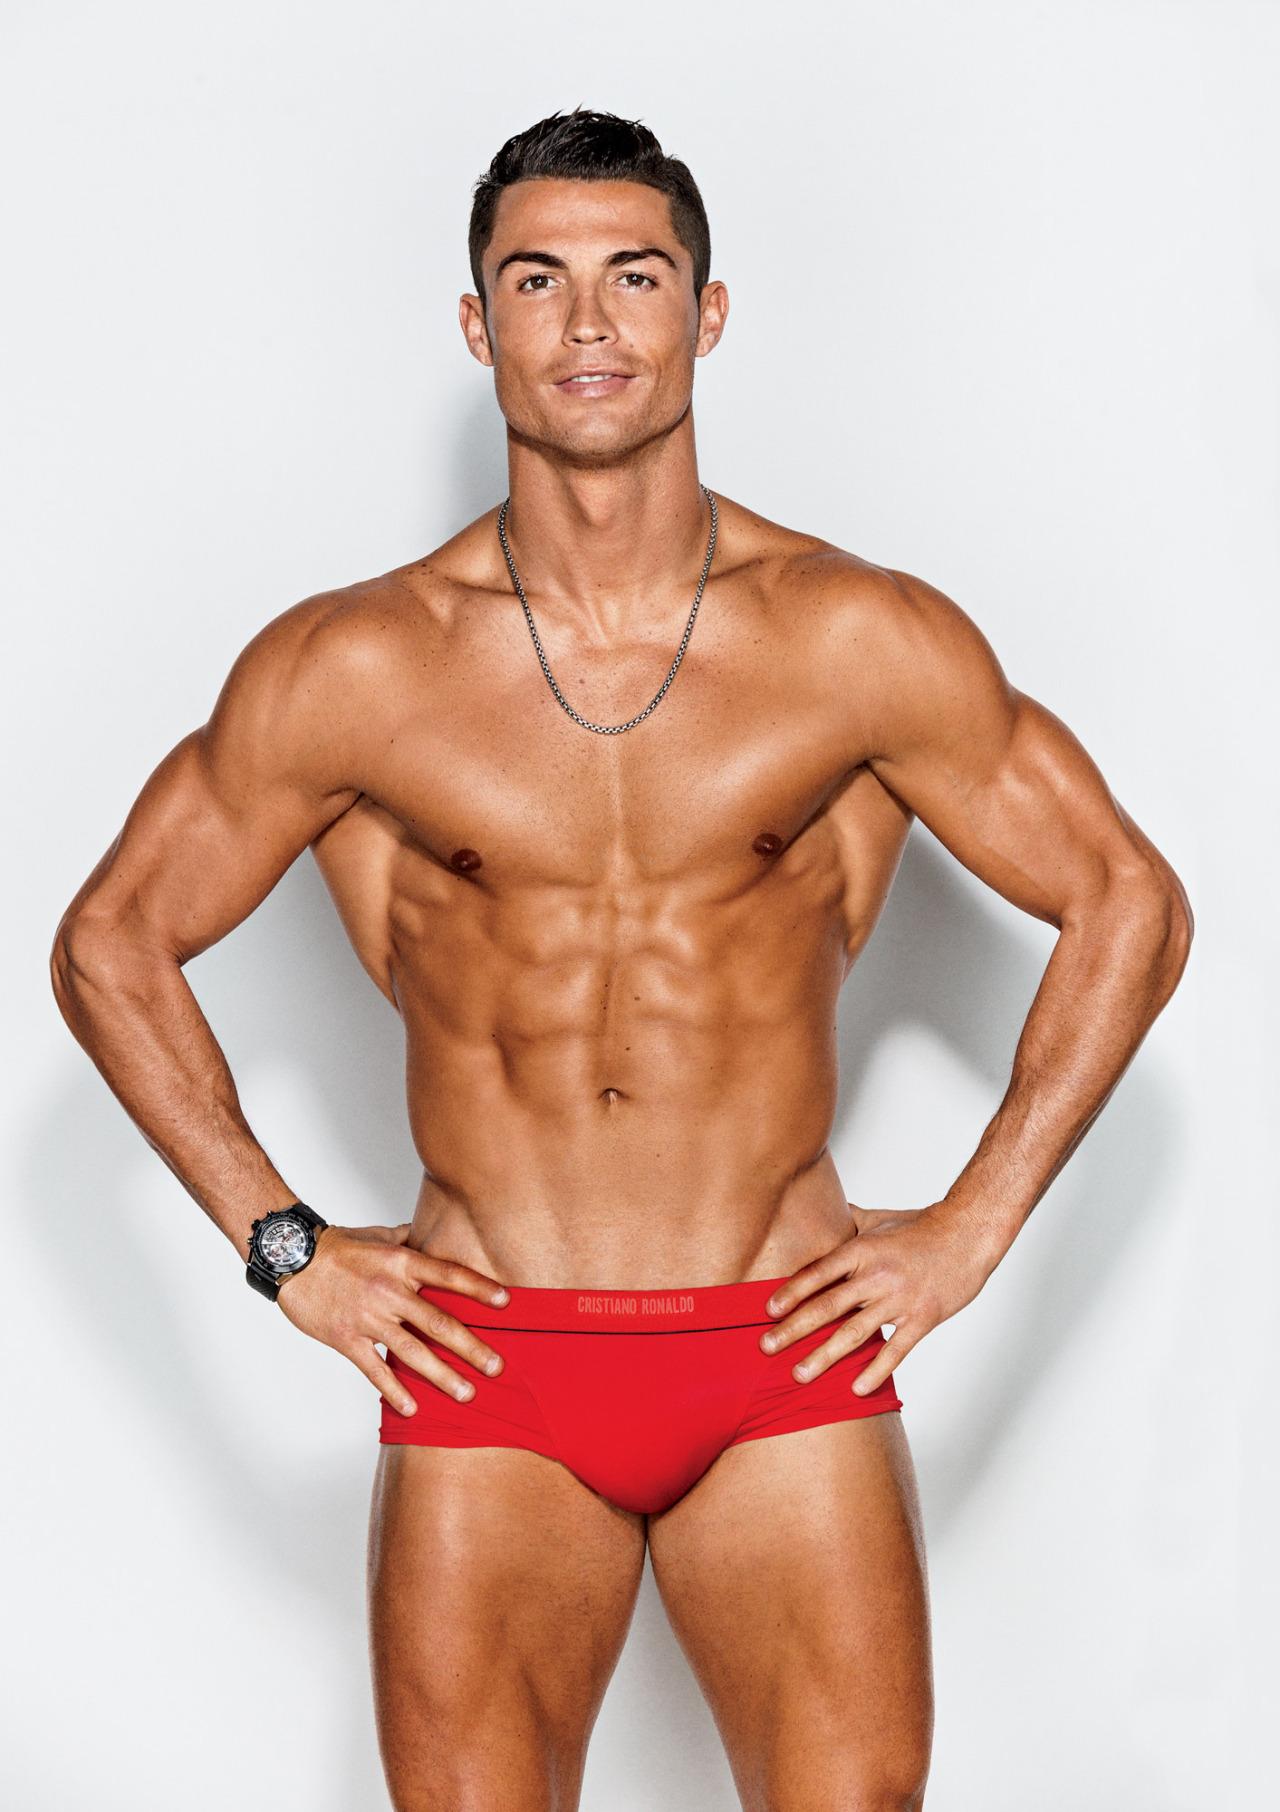 BR Cristiano-Ronaldo-2016-GQ 4